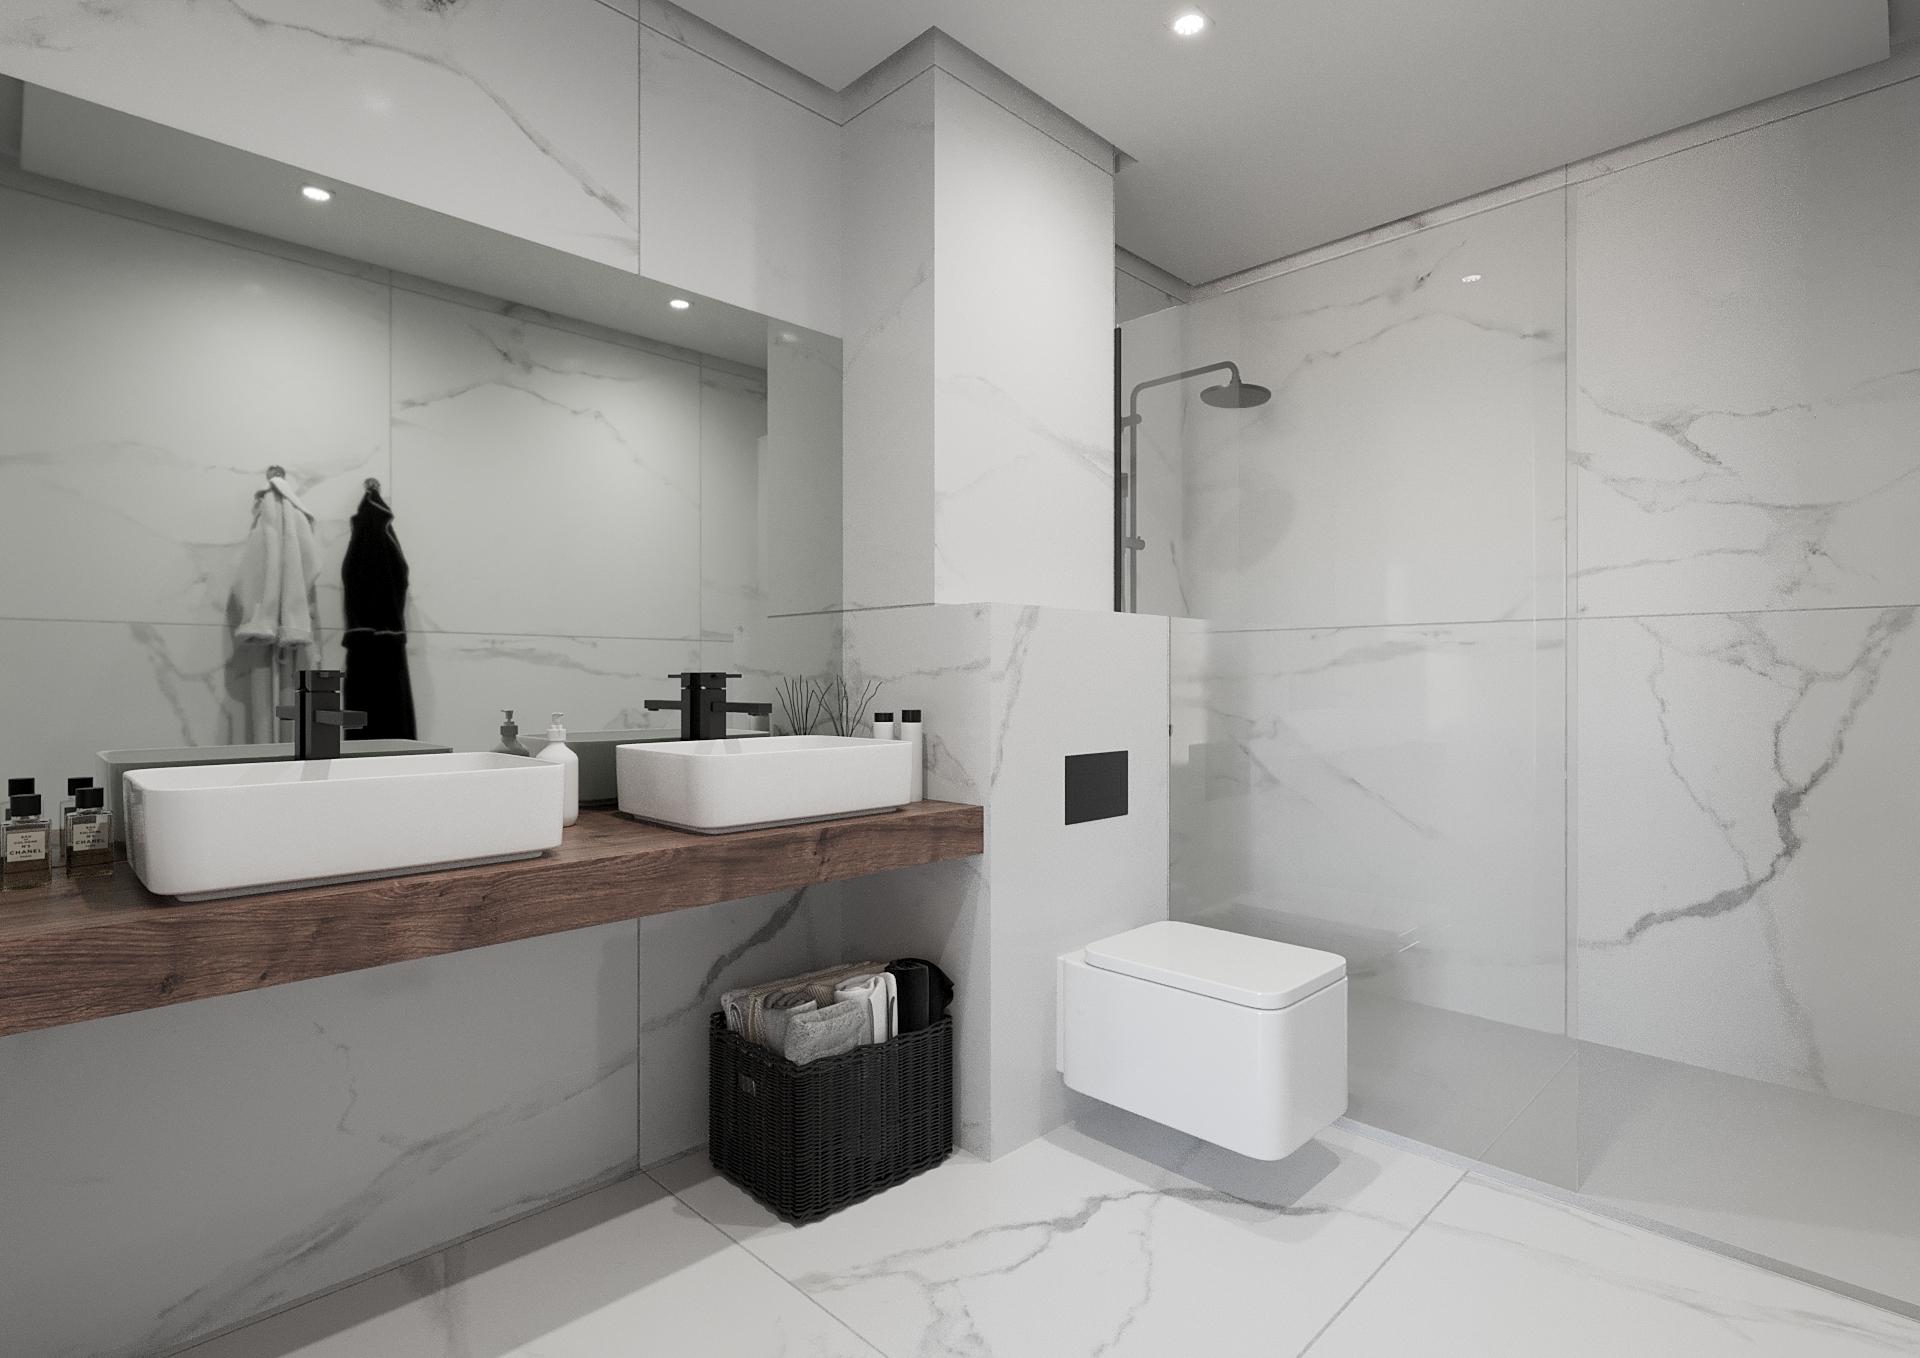 Baño en vivienda de lujo